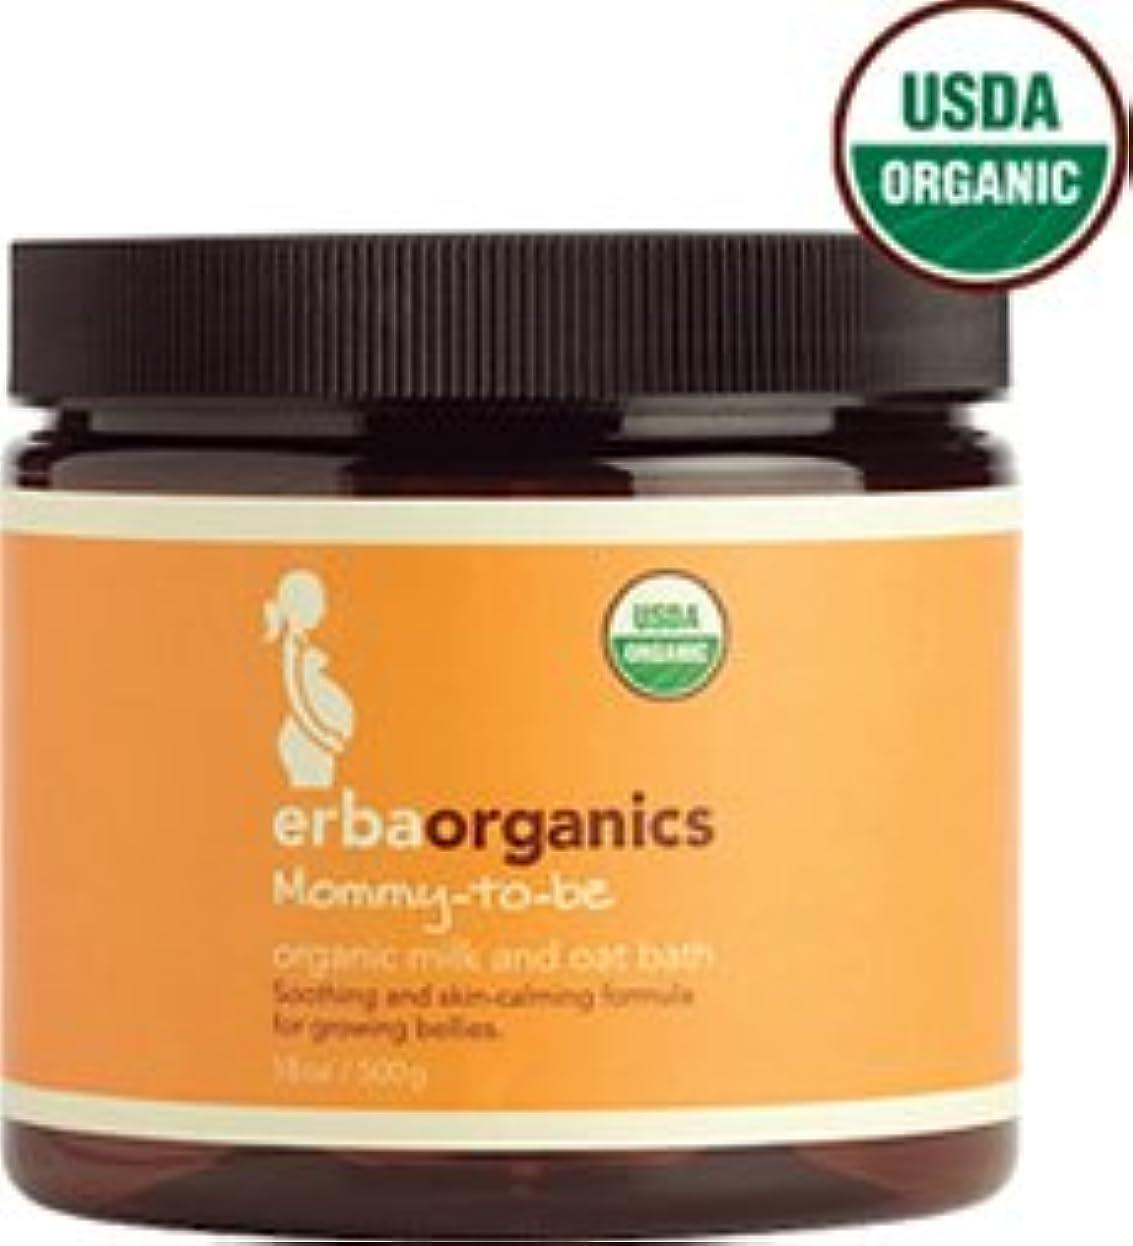 毎月調整複合erba organics〈エルバオーガニックス〉M&Oバスソルト 500g 《マミーライン オーガニック入浴料》